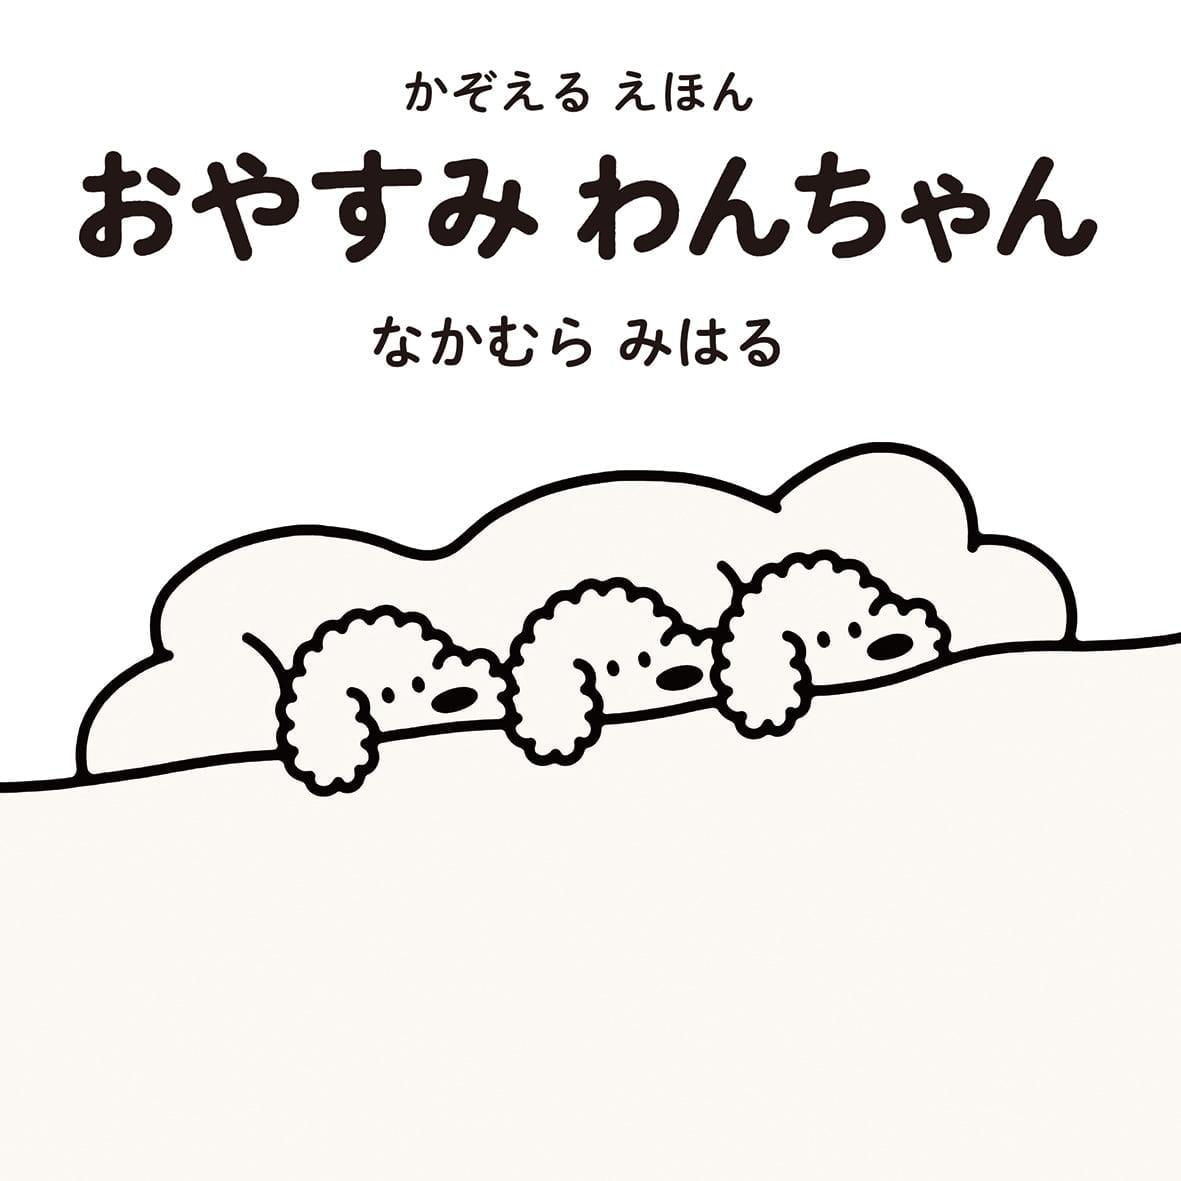 絵本「かぞえるえほん おやすみわんちゃん」の表紙